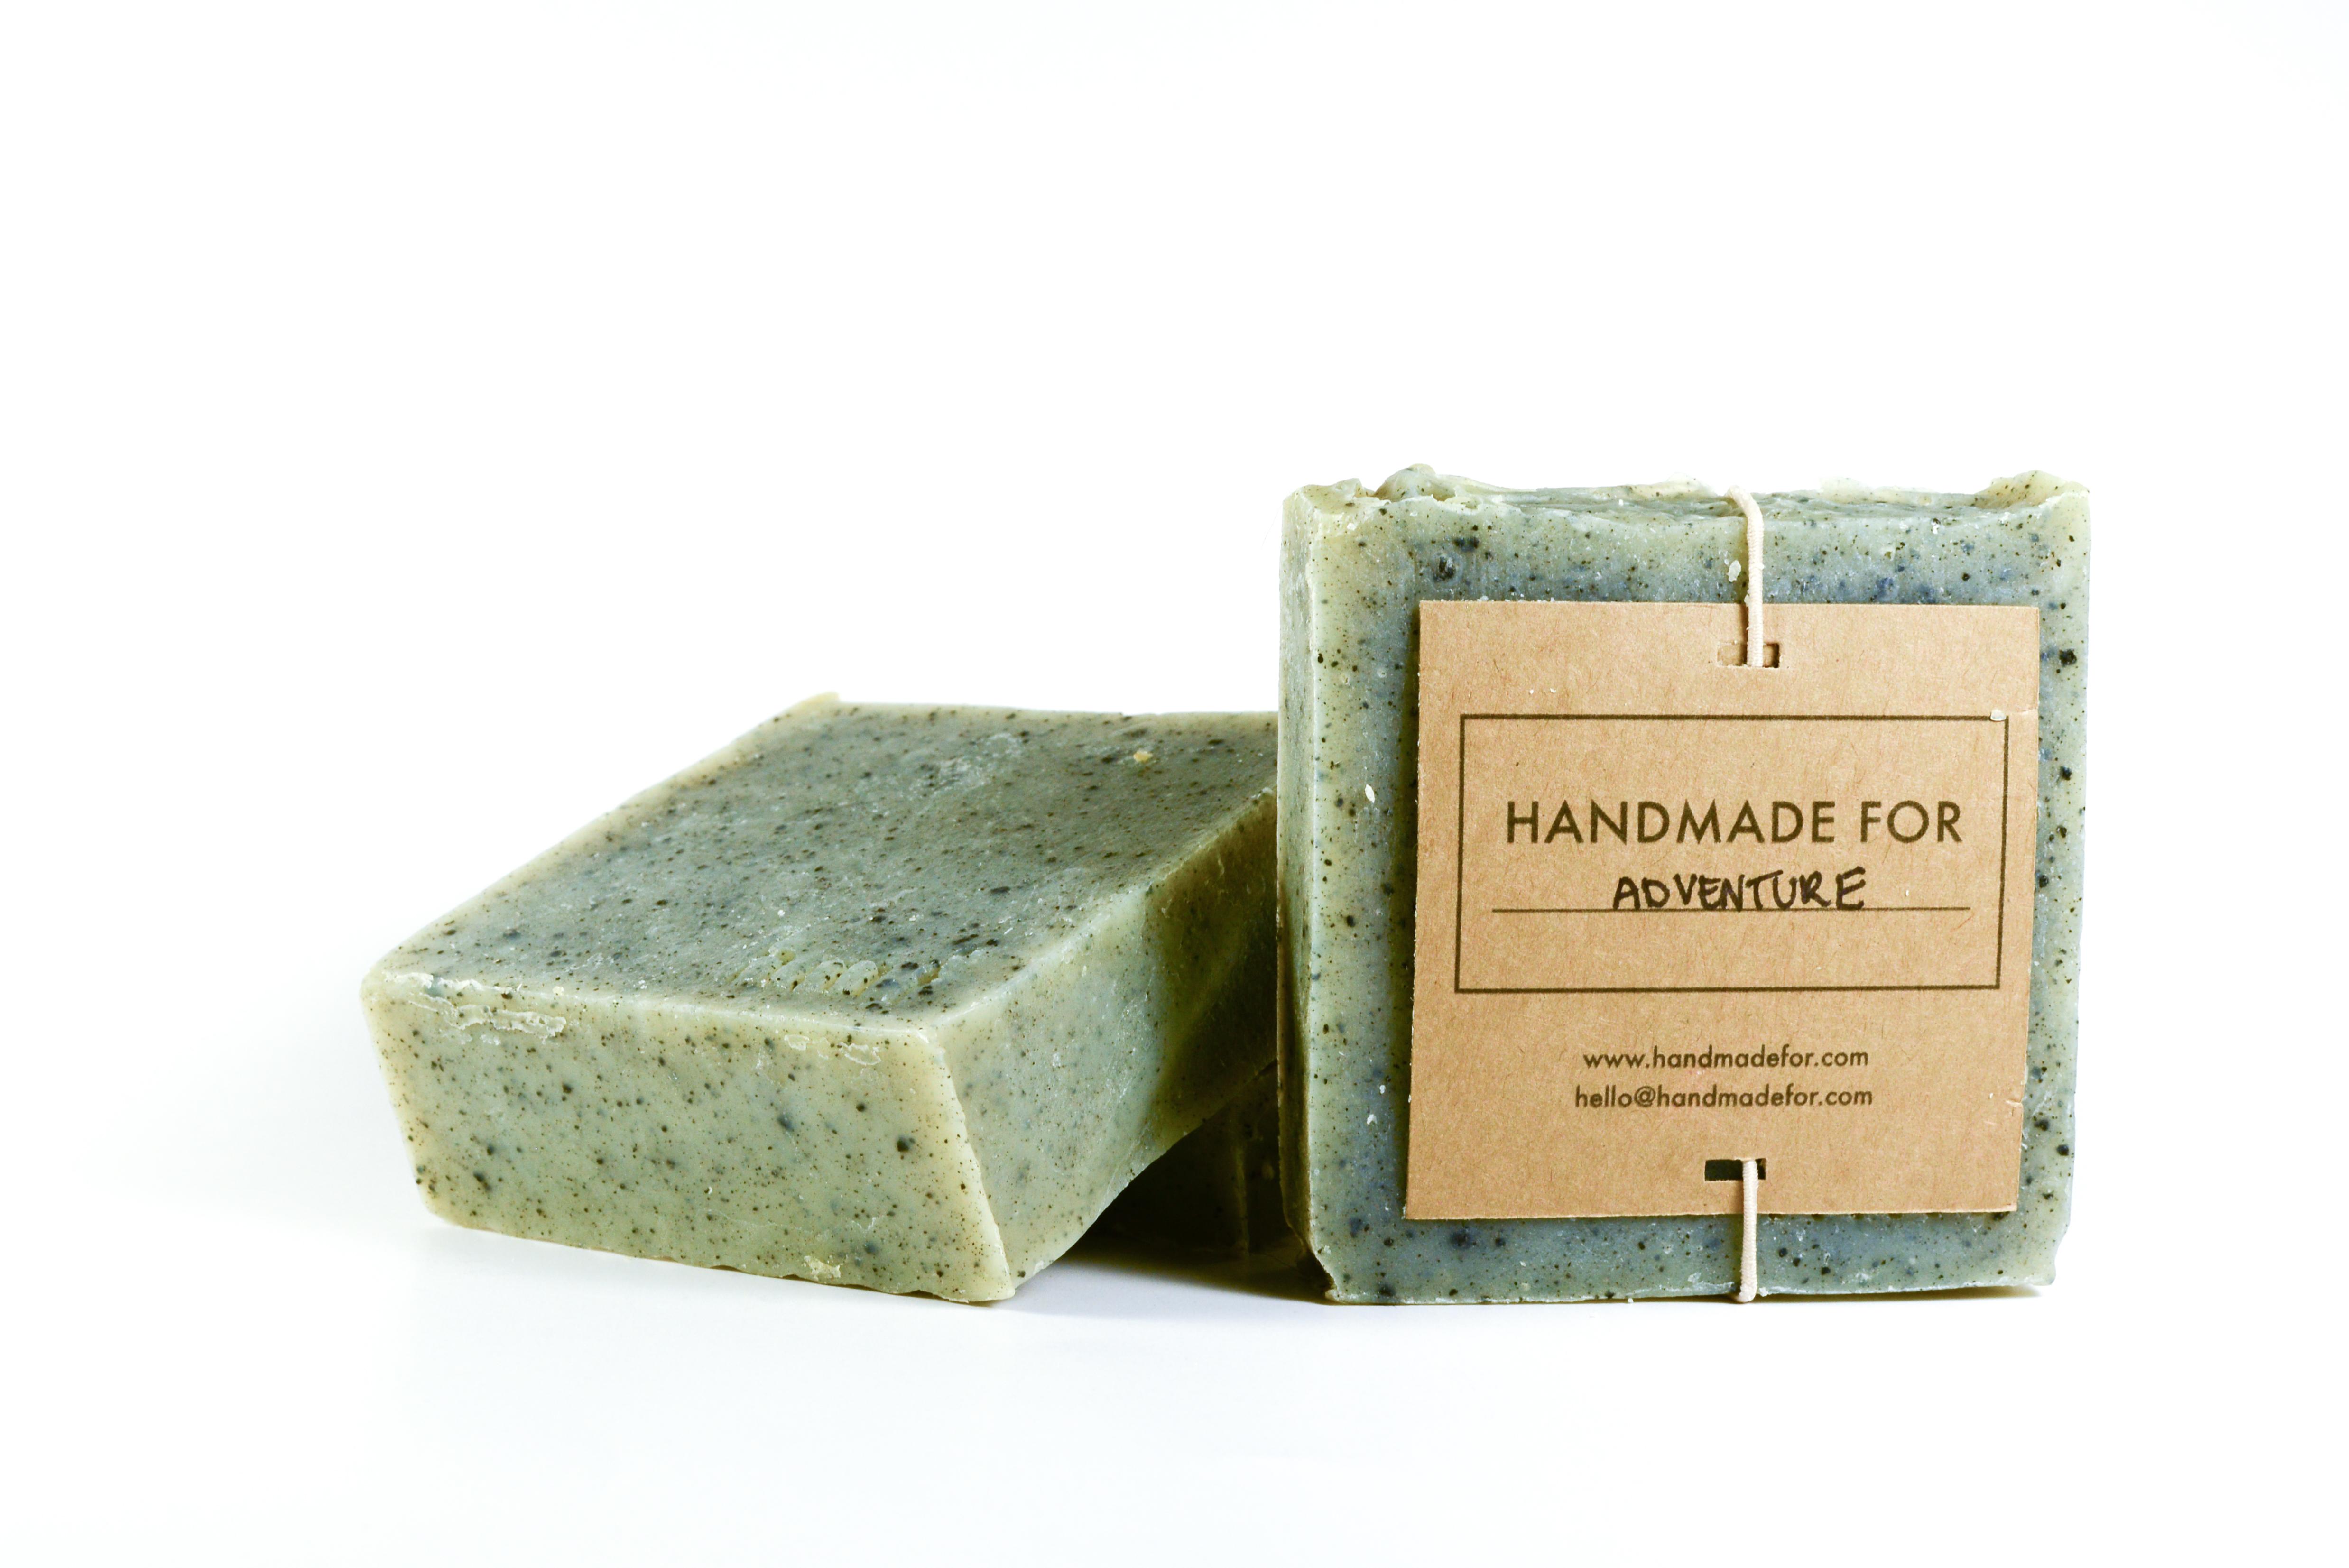 HANDMADE FOR's volcanic birch bar